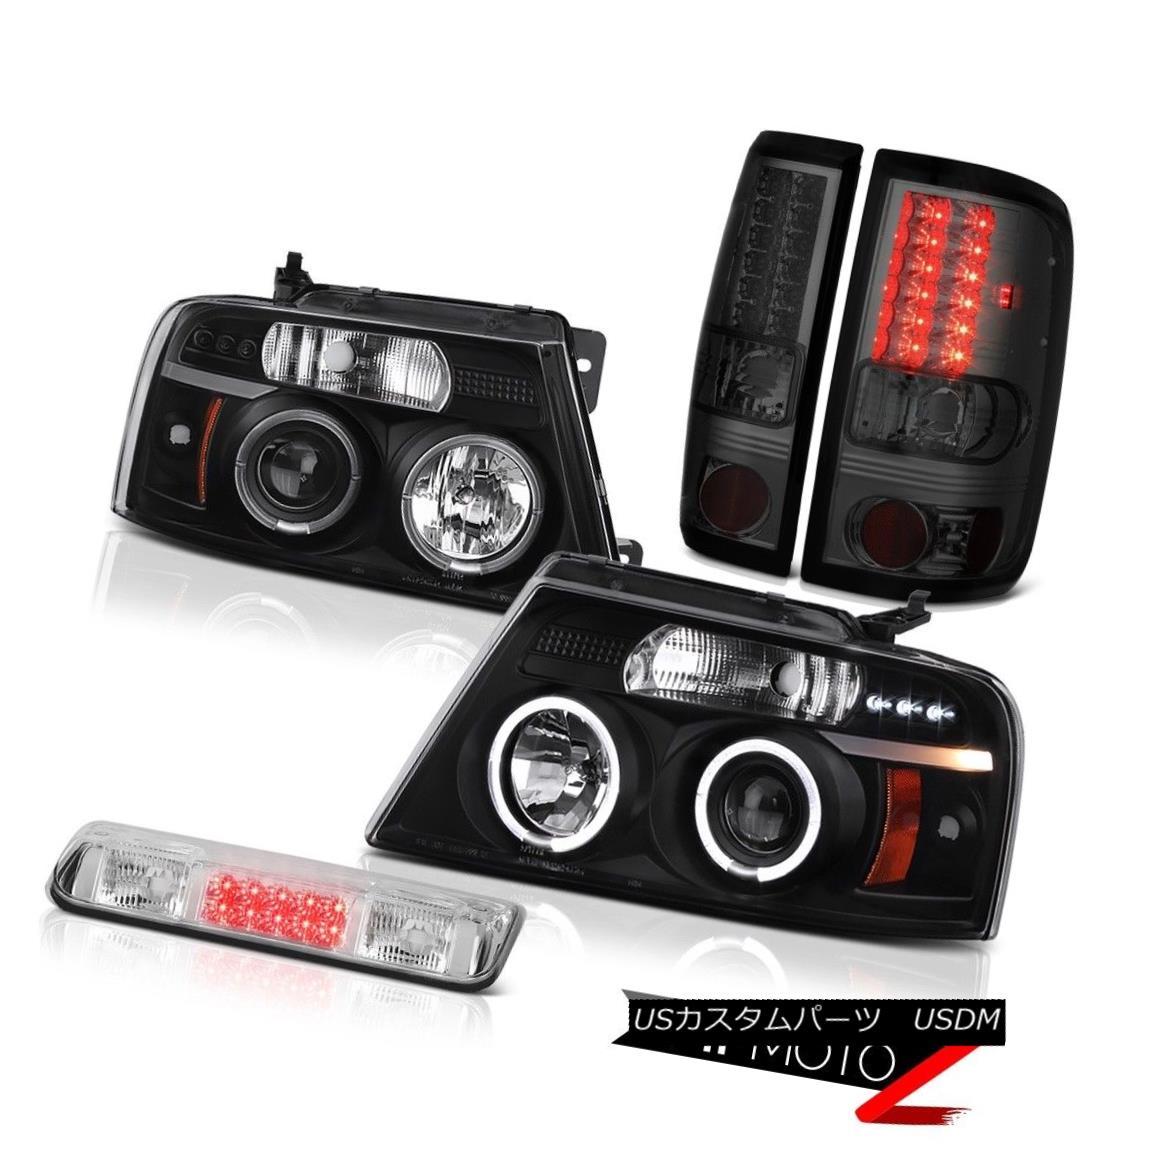 テールライト 04-08 Ford F150 XL 3rd Brake Lamp Headlamps Smokey Taillights Halo Rim Dual Halo 04-08フォードF150 XL第3ブレーキランプヘッドランプスモーキーティールライトハローリムデュアルヘイロー